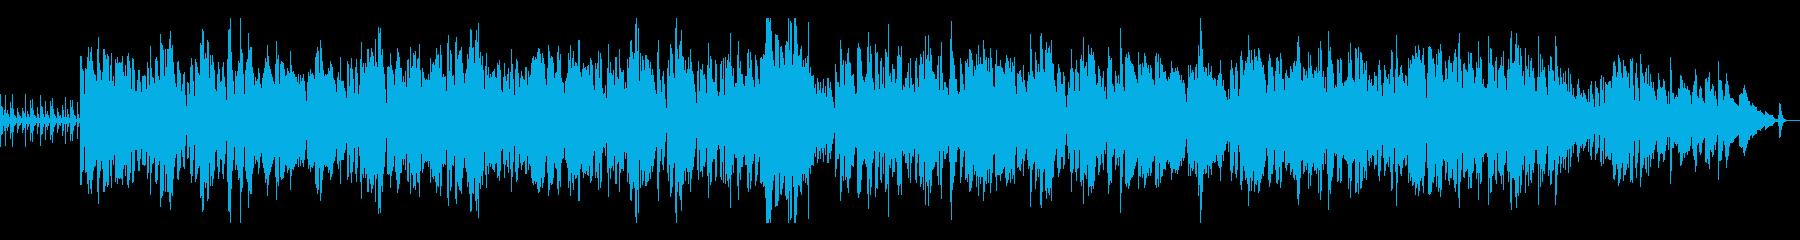 アンニュイな欧州映画風ボサノバの再生済みの波形